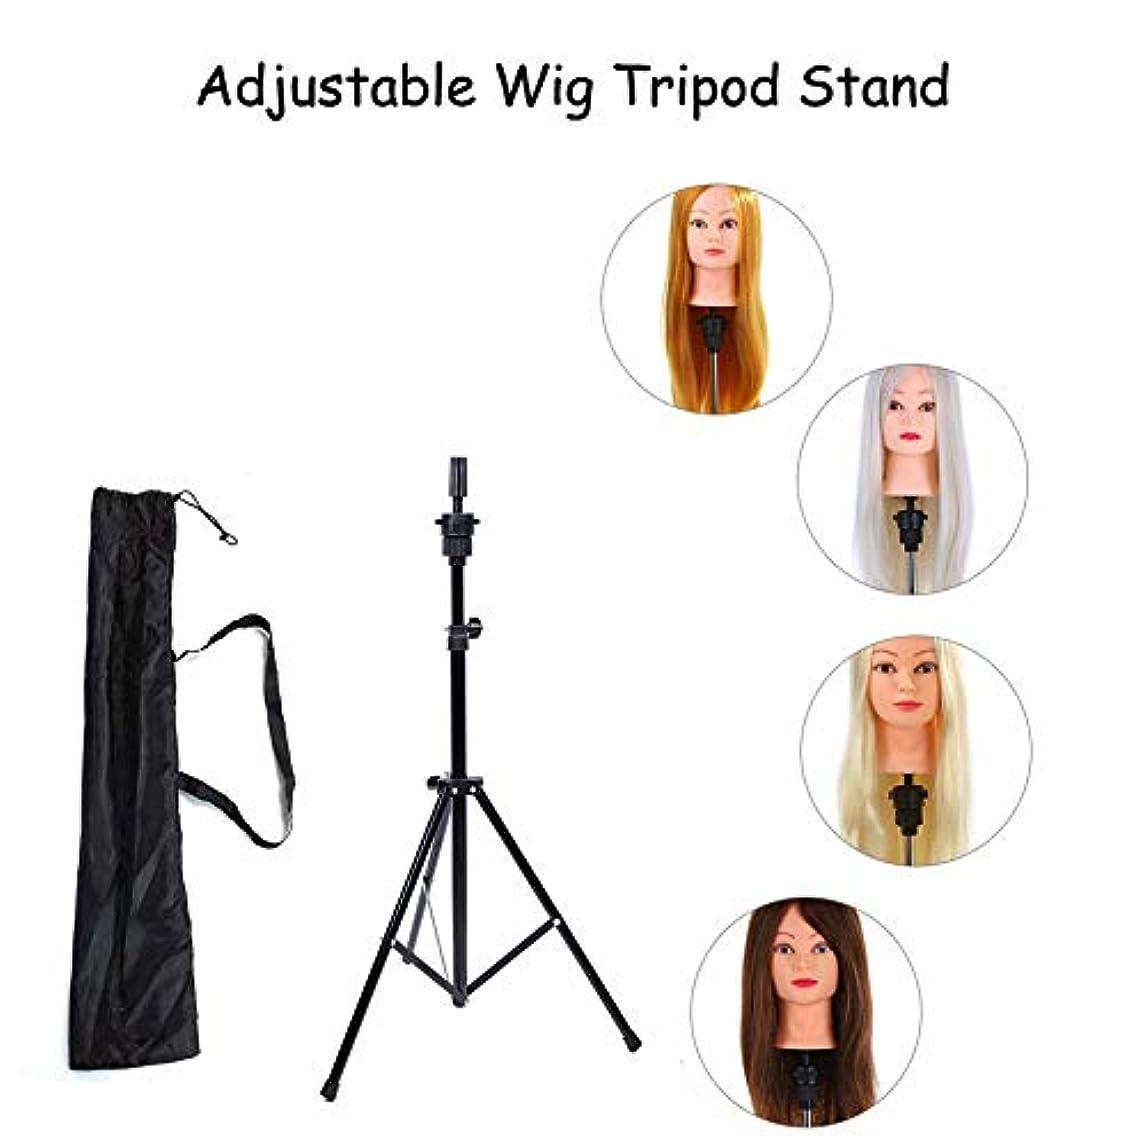 バイソン冒険家ラダマネキンウィッグヘッド三脚スタンド調節可能な美容トレーニング人形ヘッドホルダー用理髪かつらスタンド付きキャリーバッグ